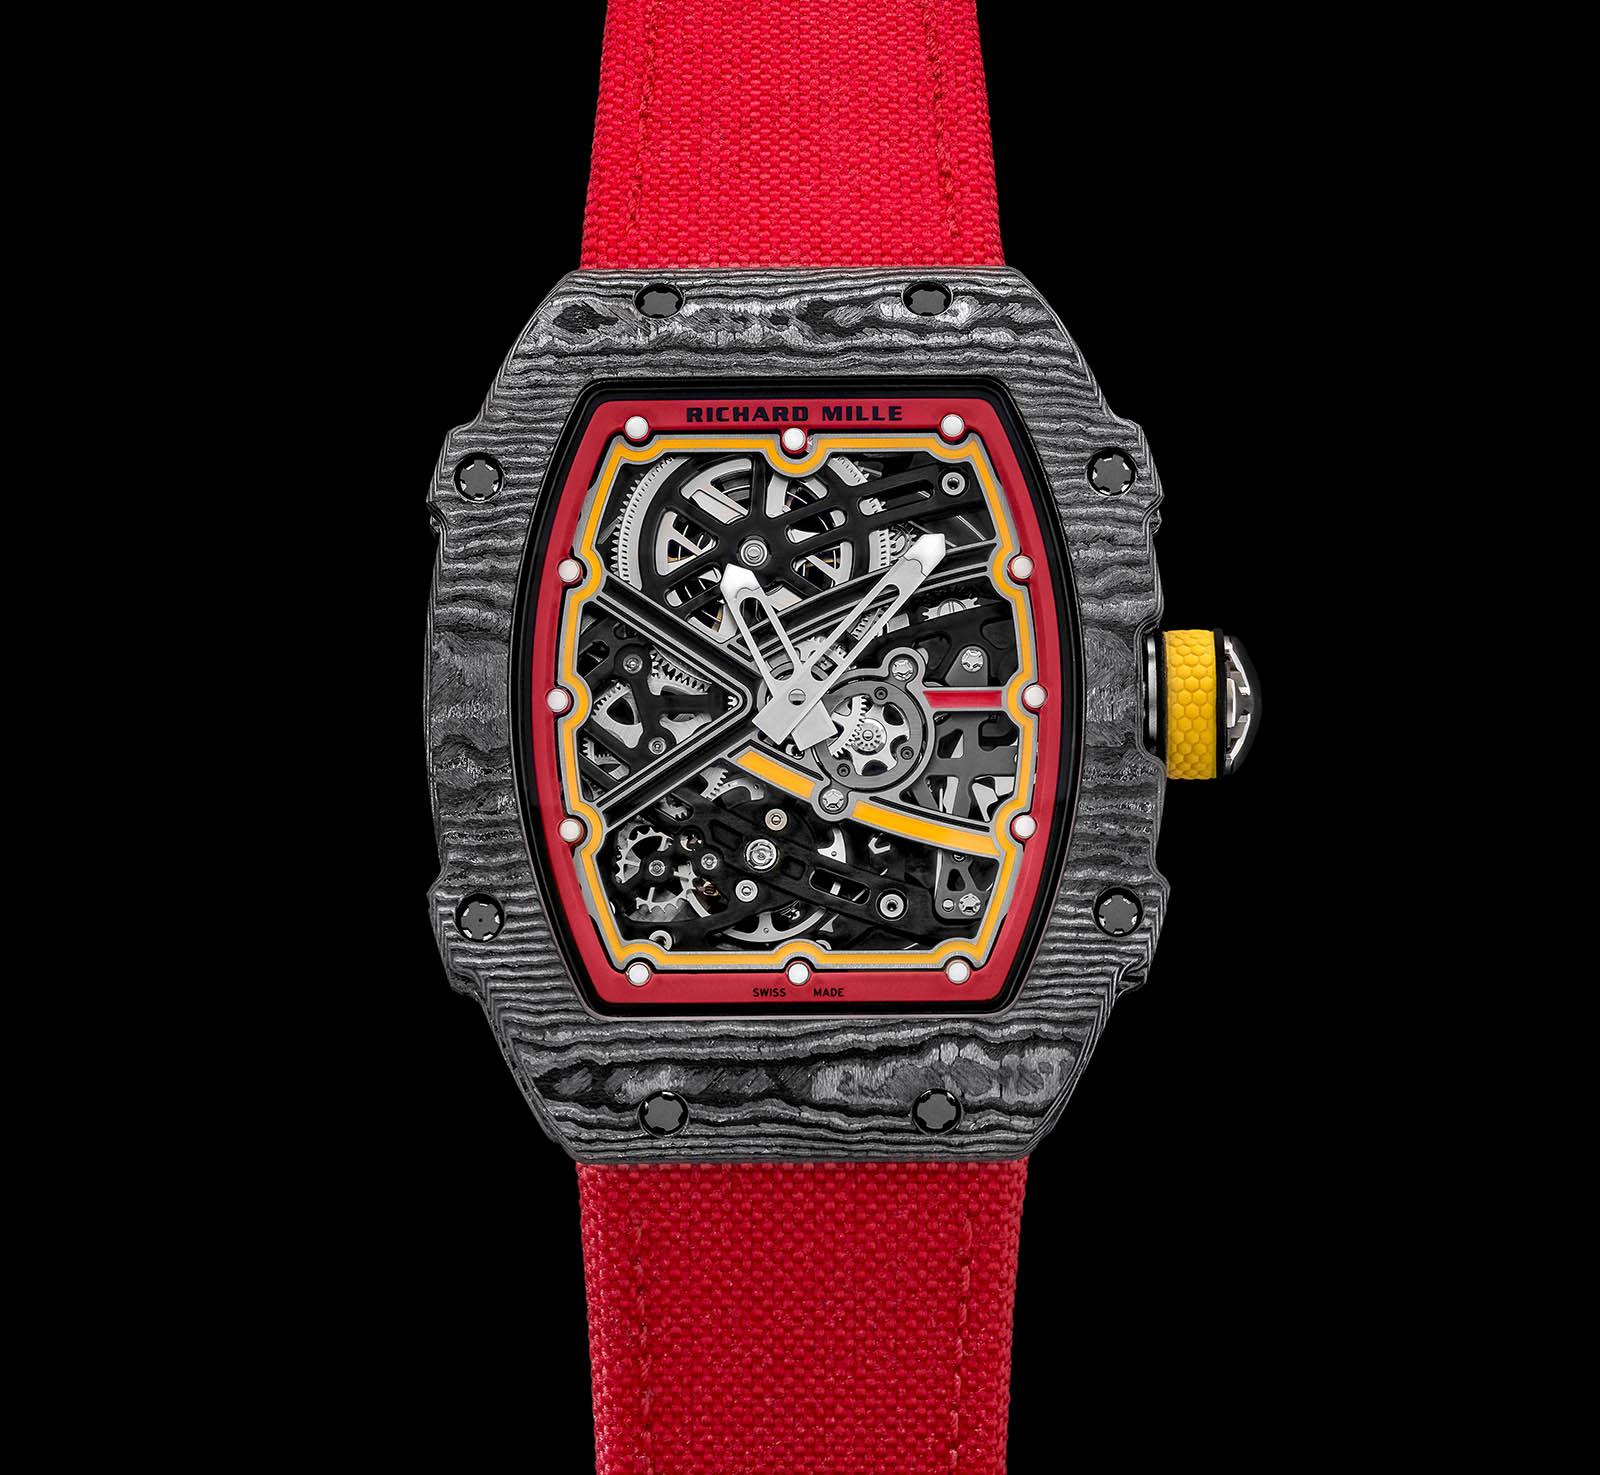 Richard Mille RM 67-02 Alexander Zverev 2